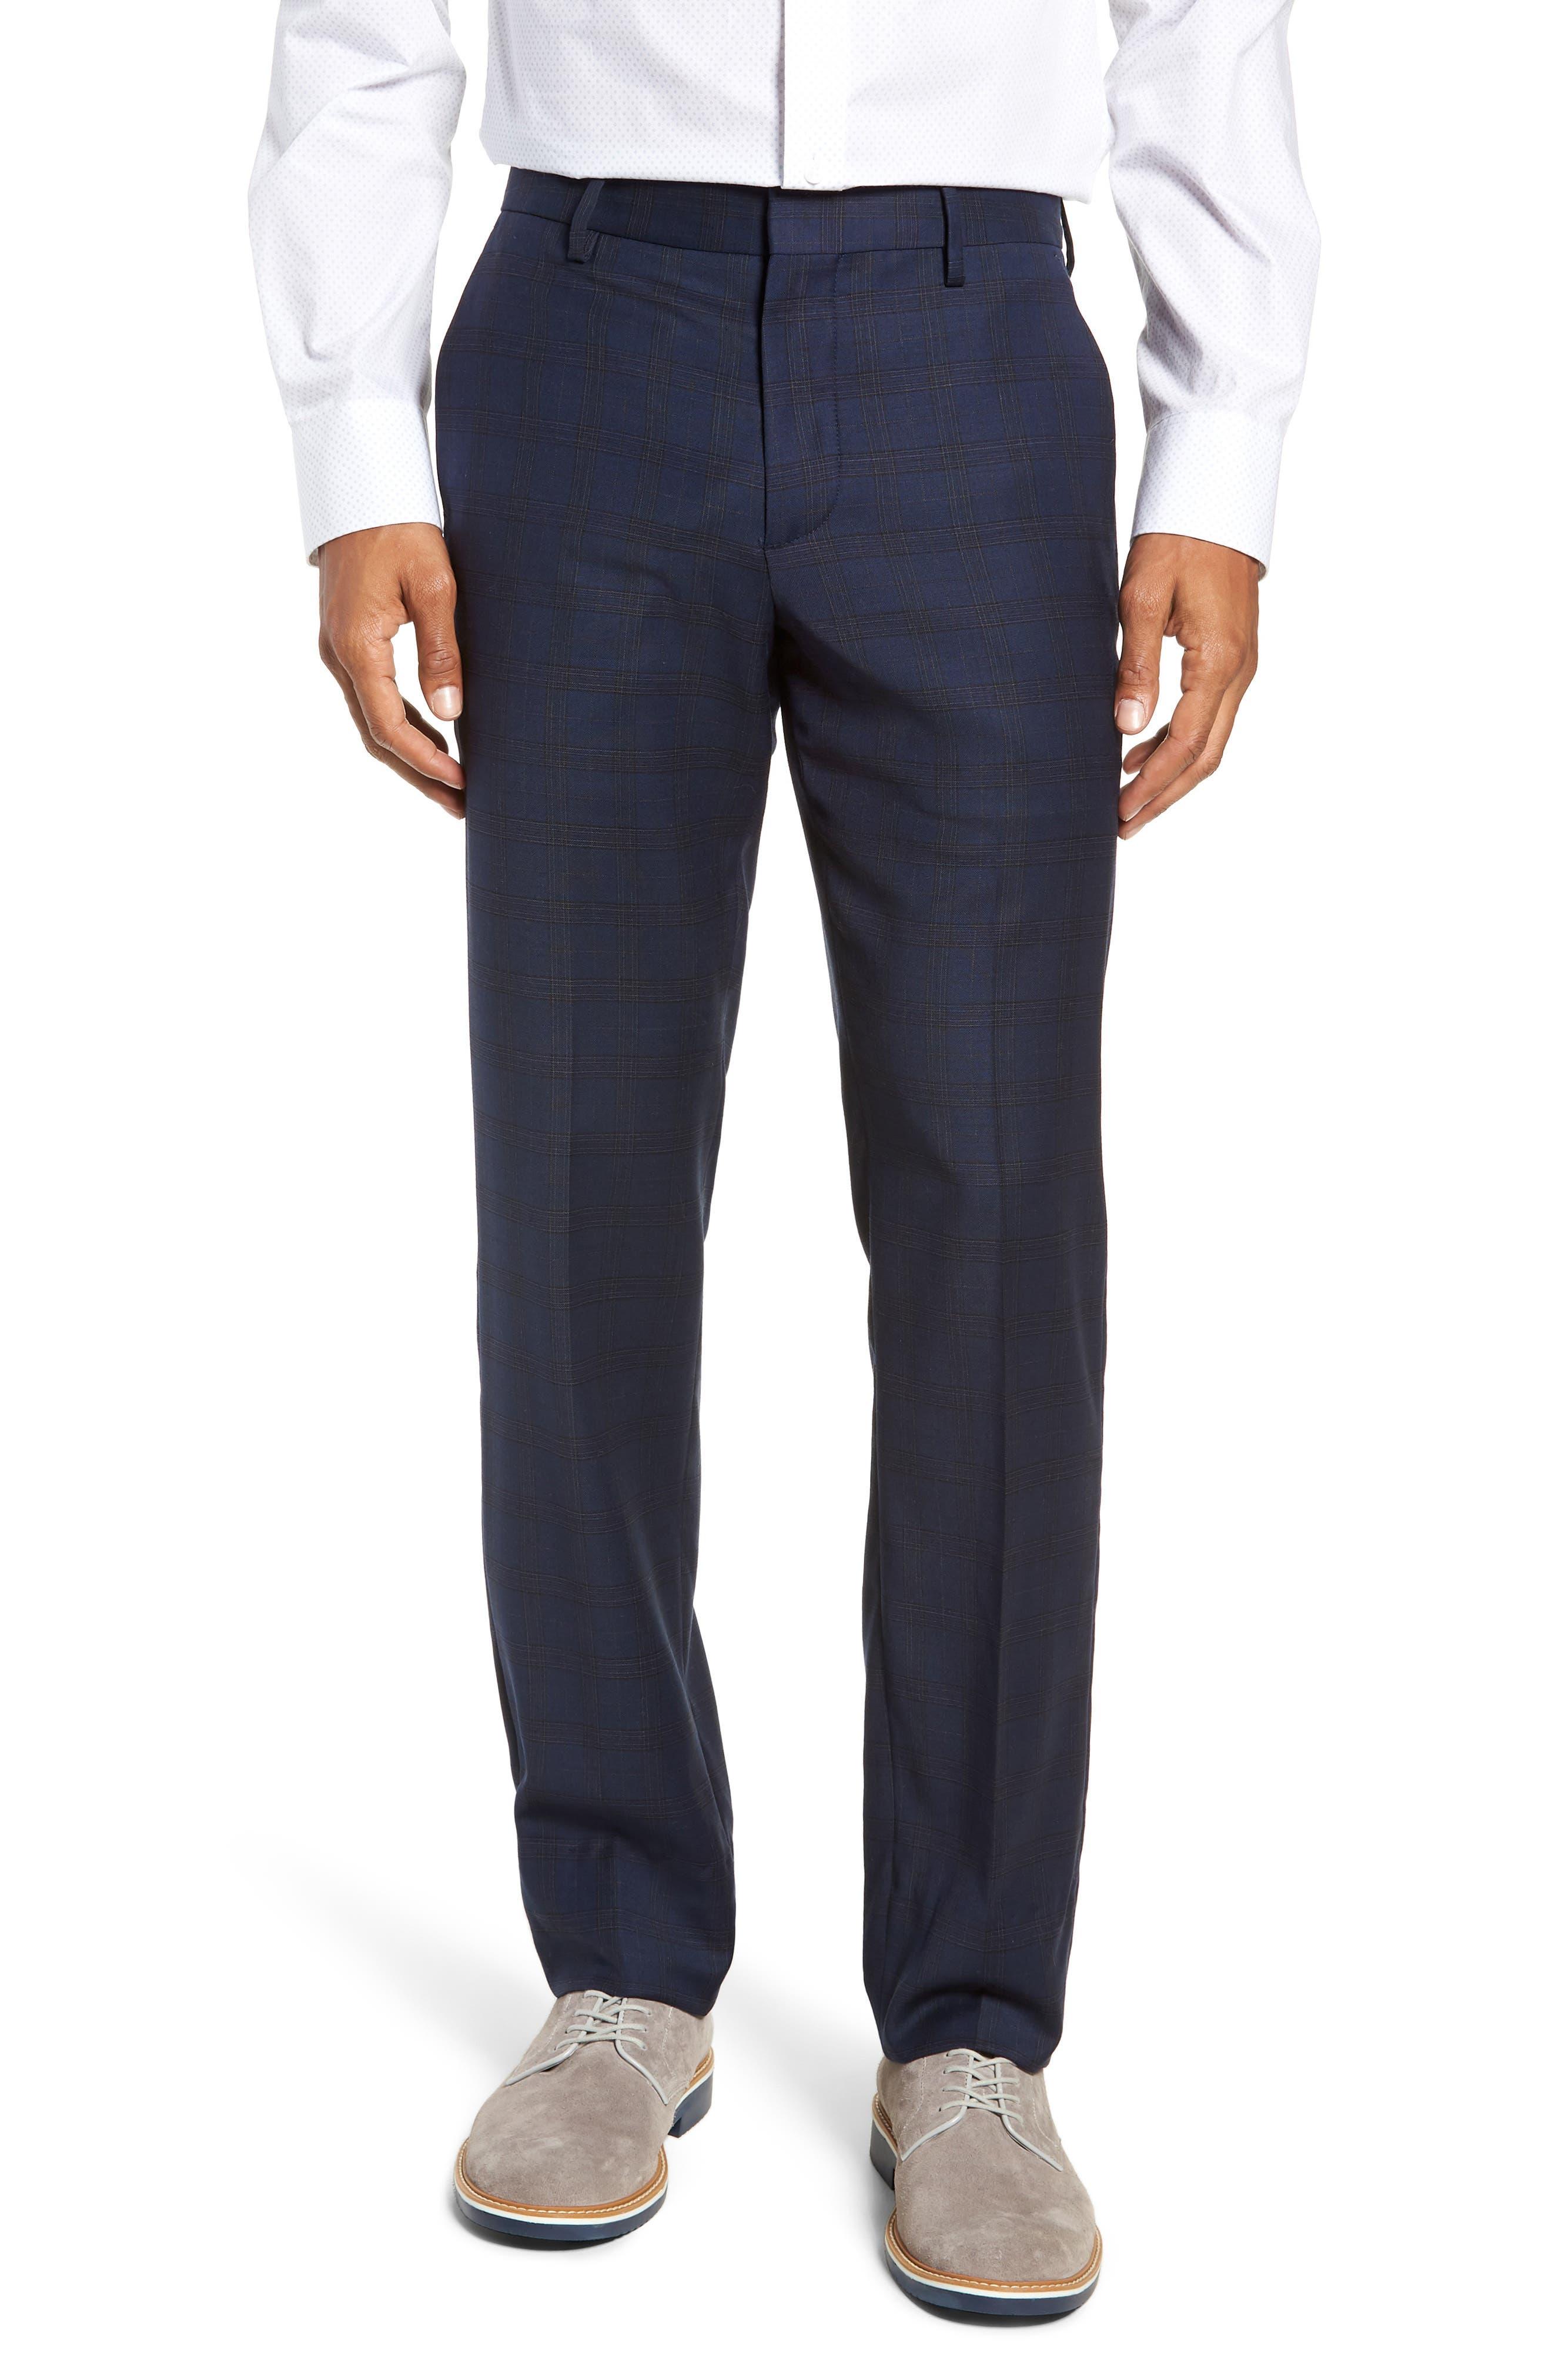 Jetsetter Slim Fit Stretch Suit Pants,                         Main,                         color, SUBTLE NAVY PLAID